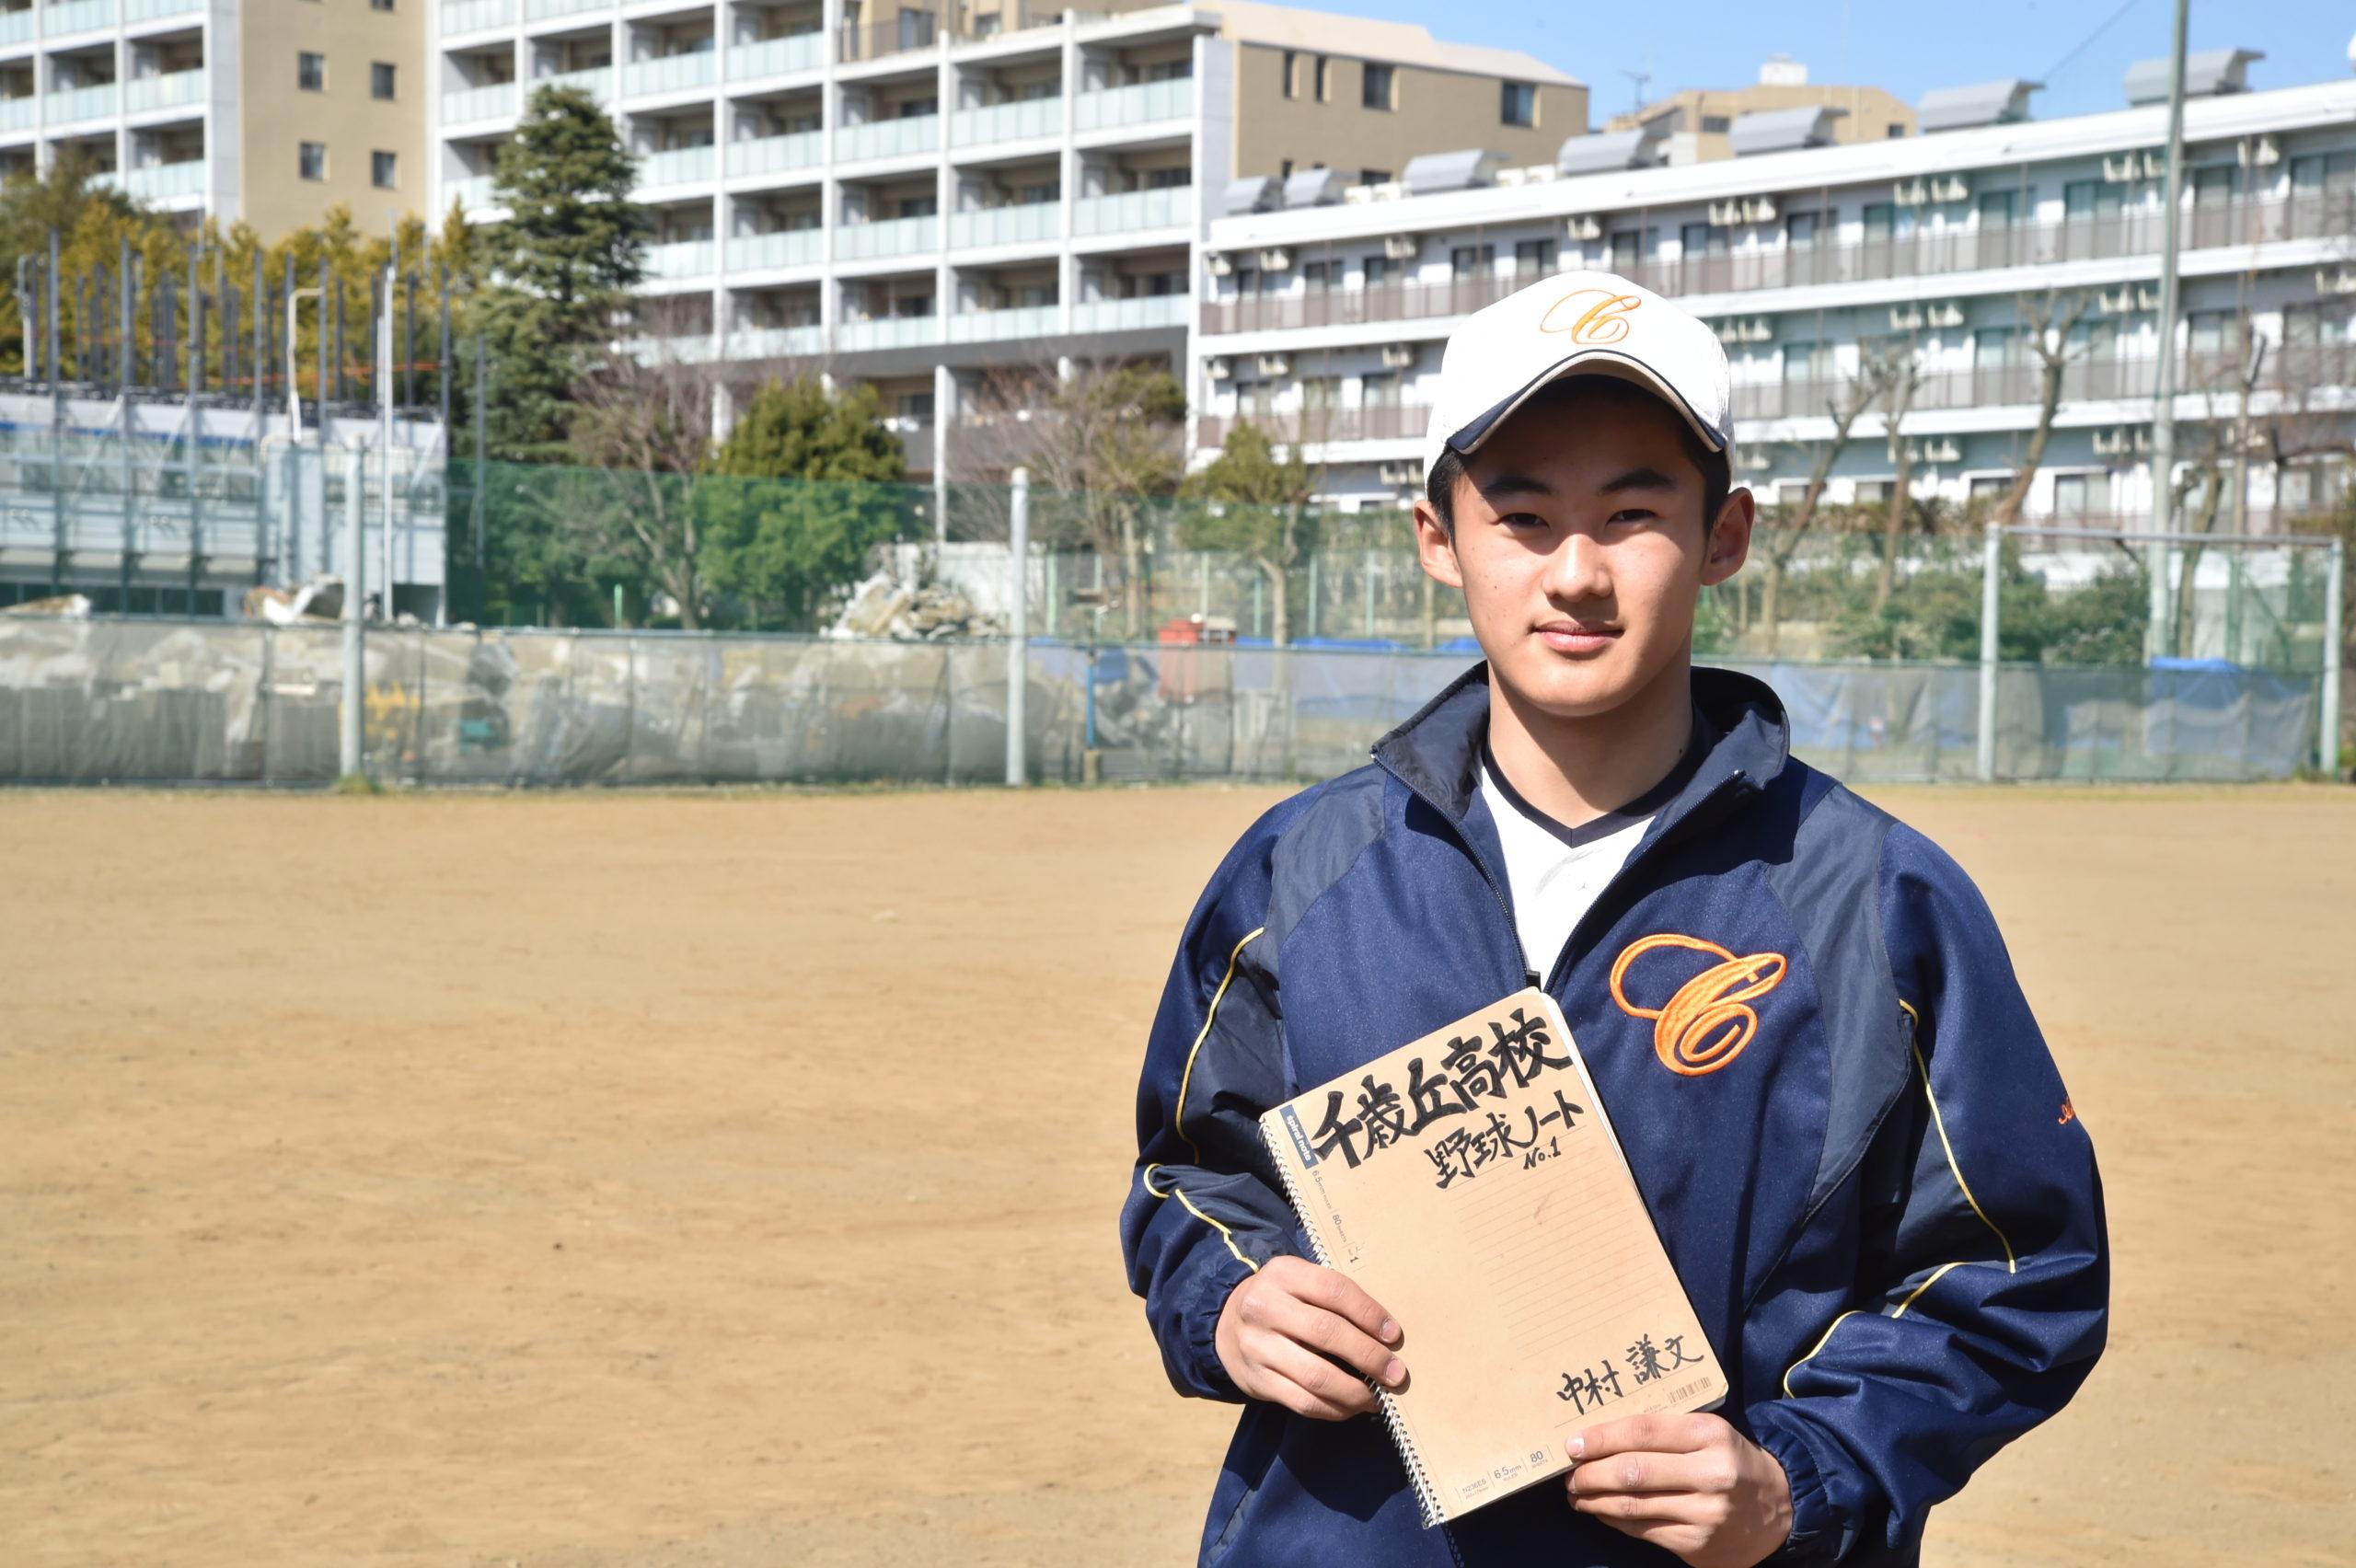 【千歳丘 野球部】練習サポートの男子マネージャー 中村謙文(3年)